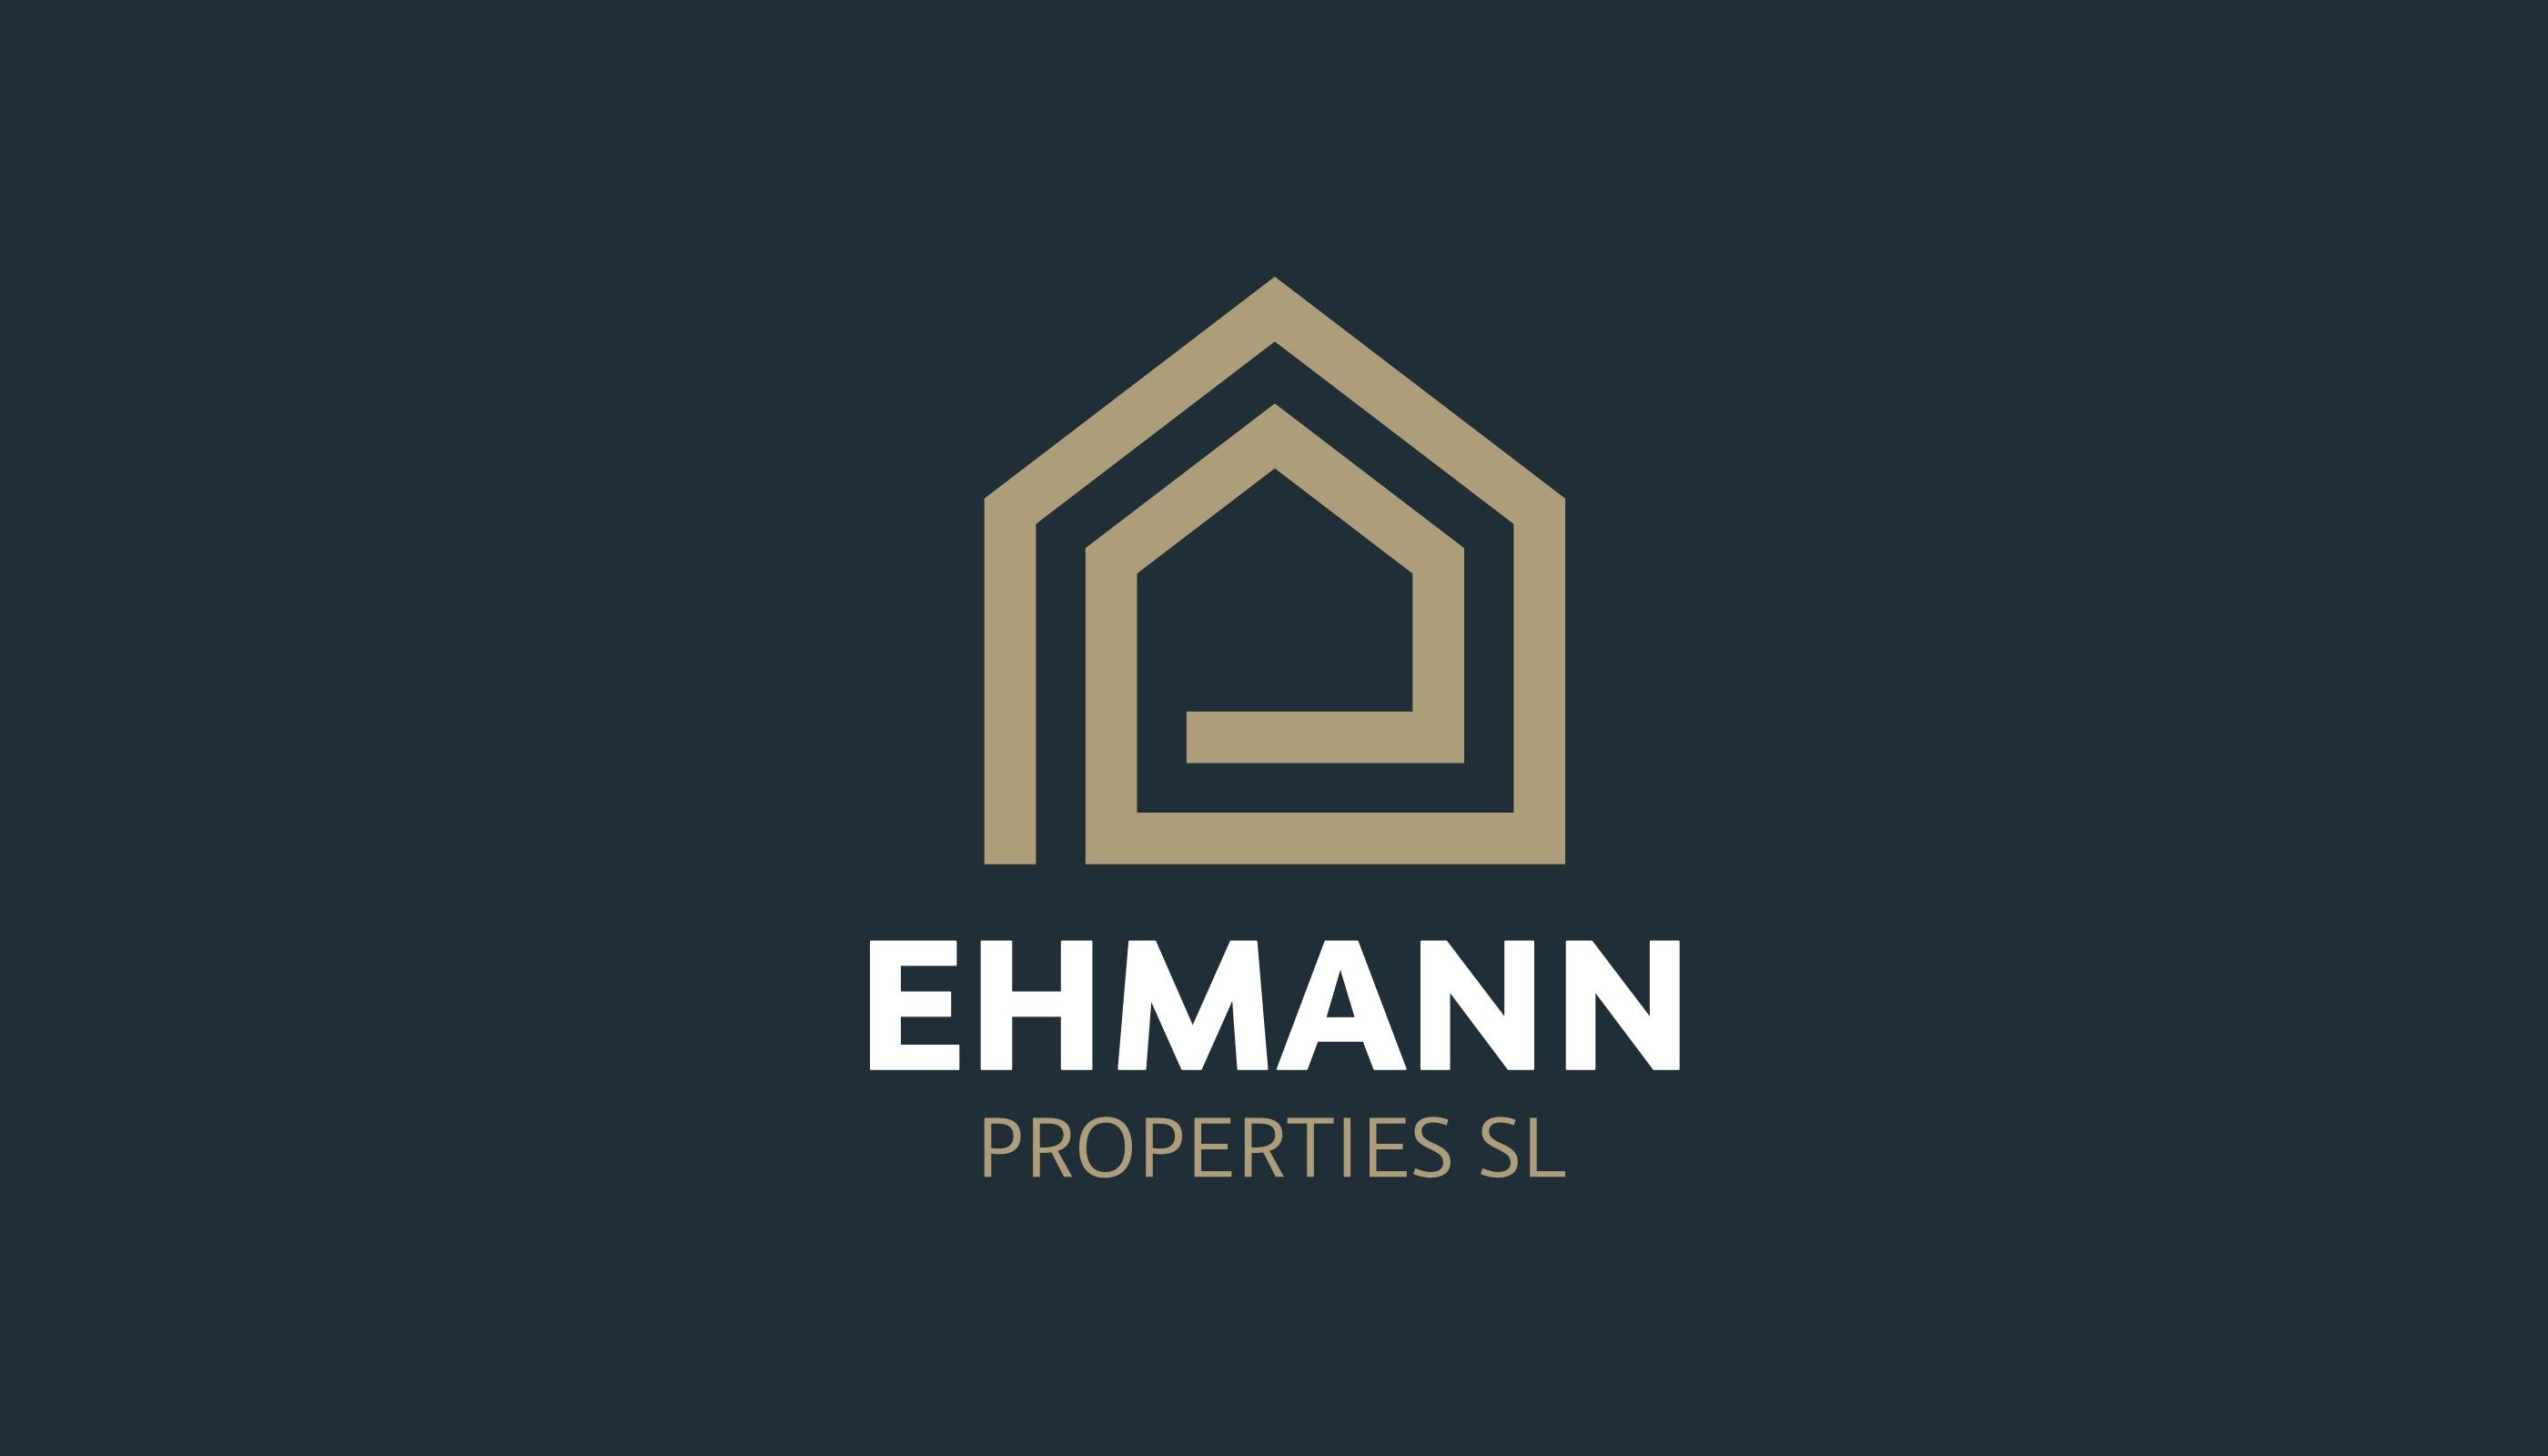 Ehmann Properties SL